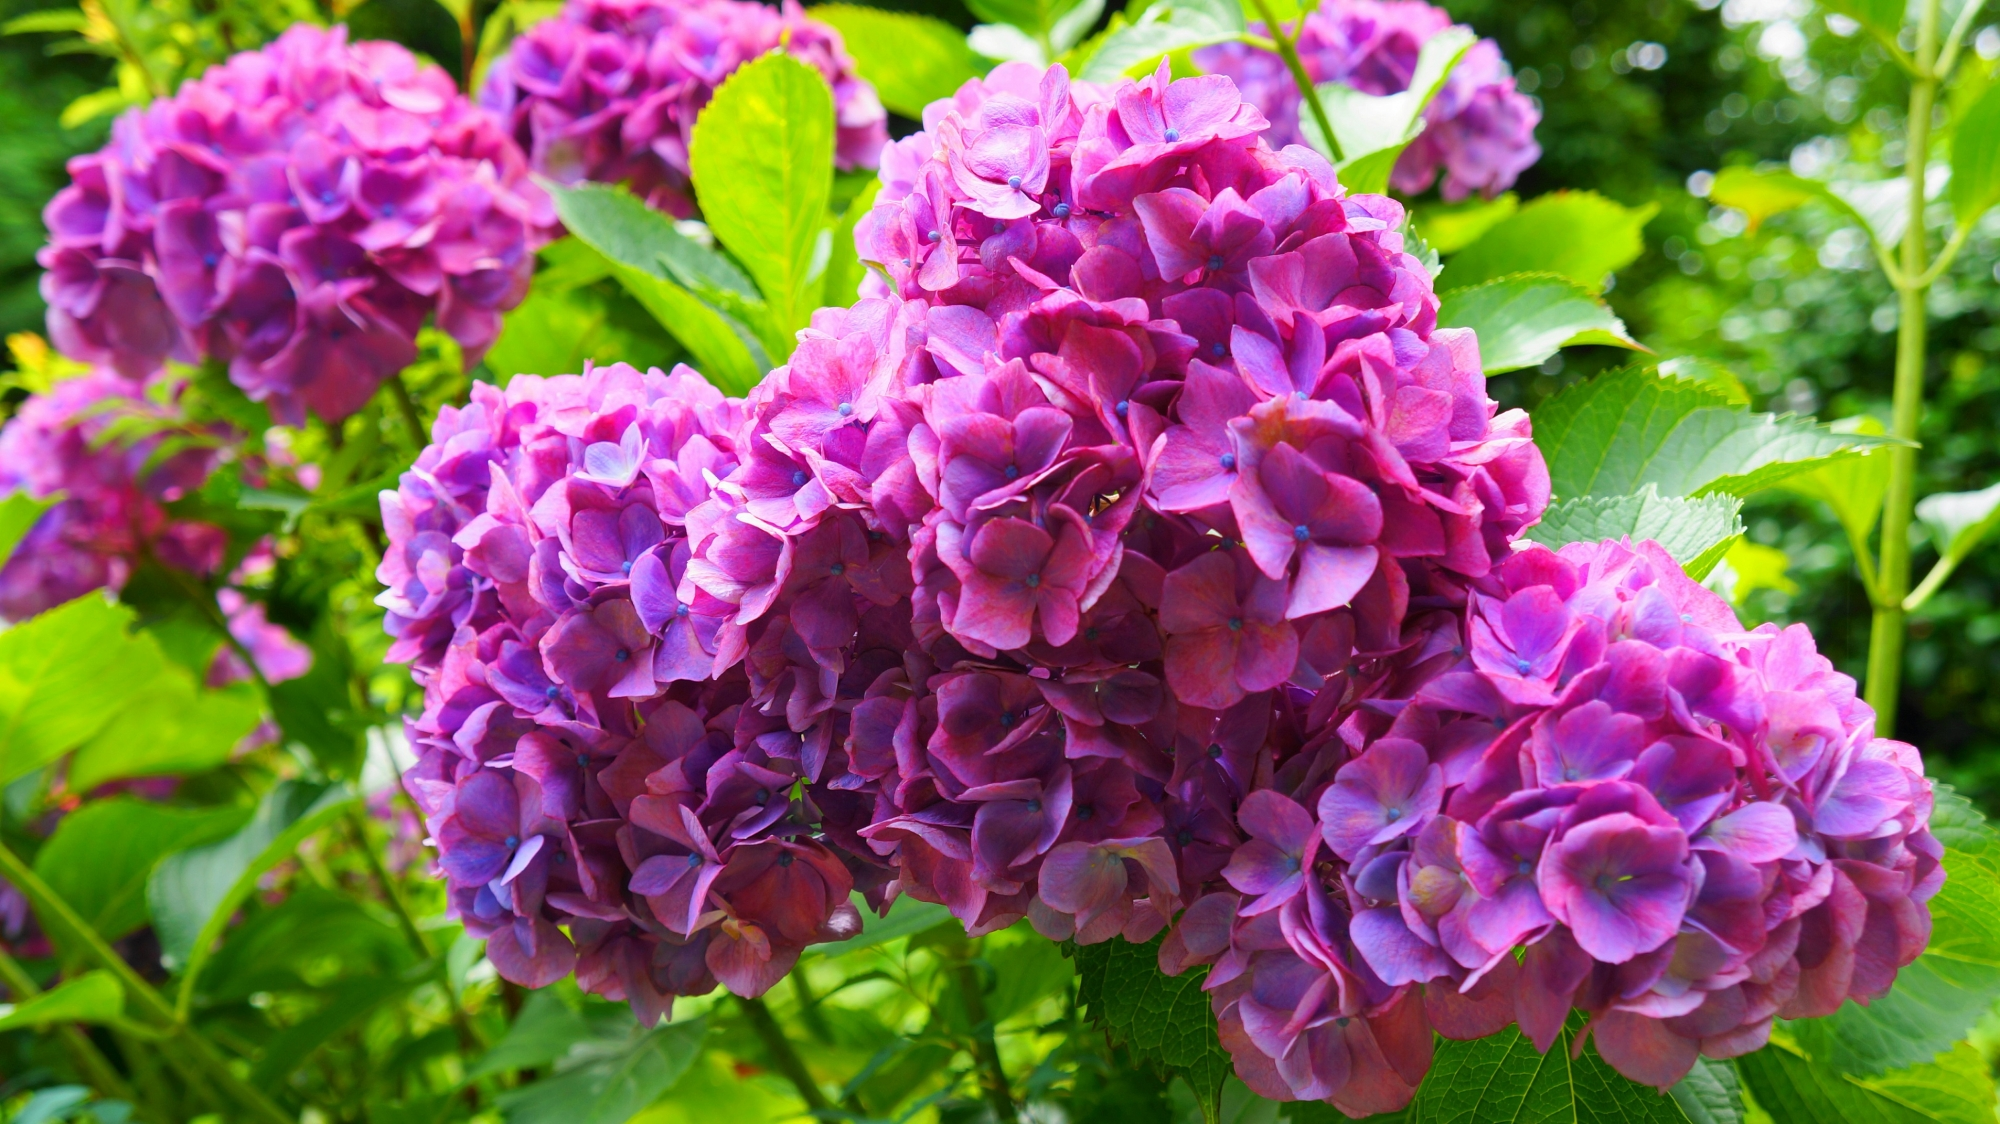 善峯寺の煌く鮮やかな紫の紫陽花